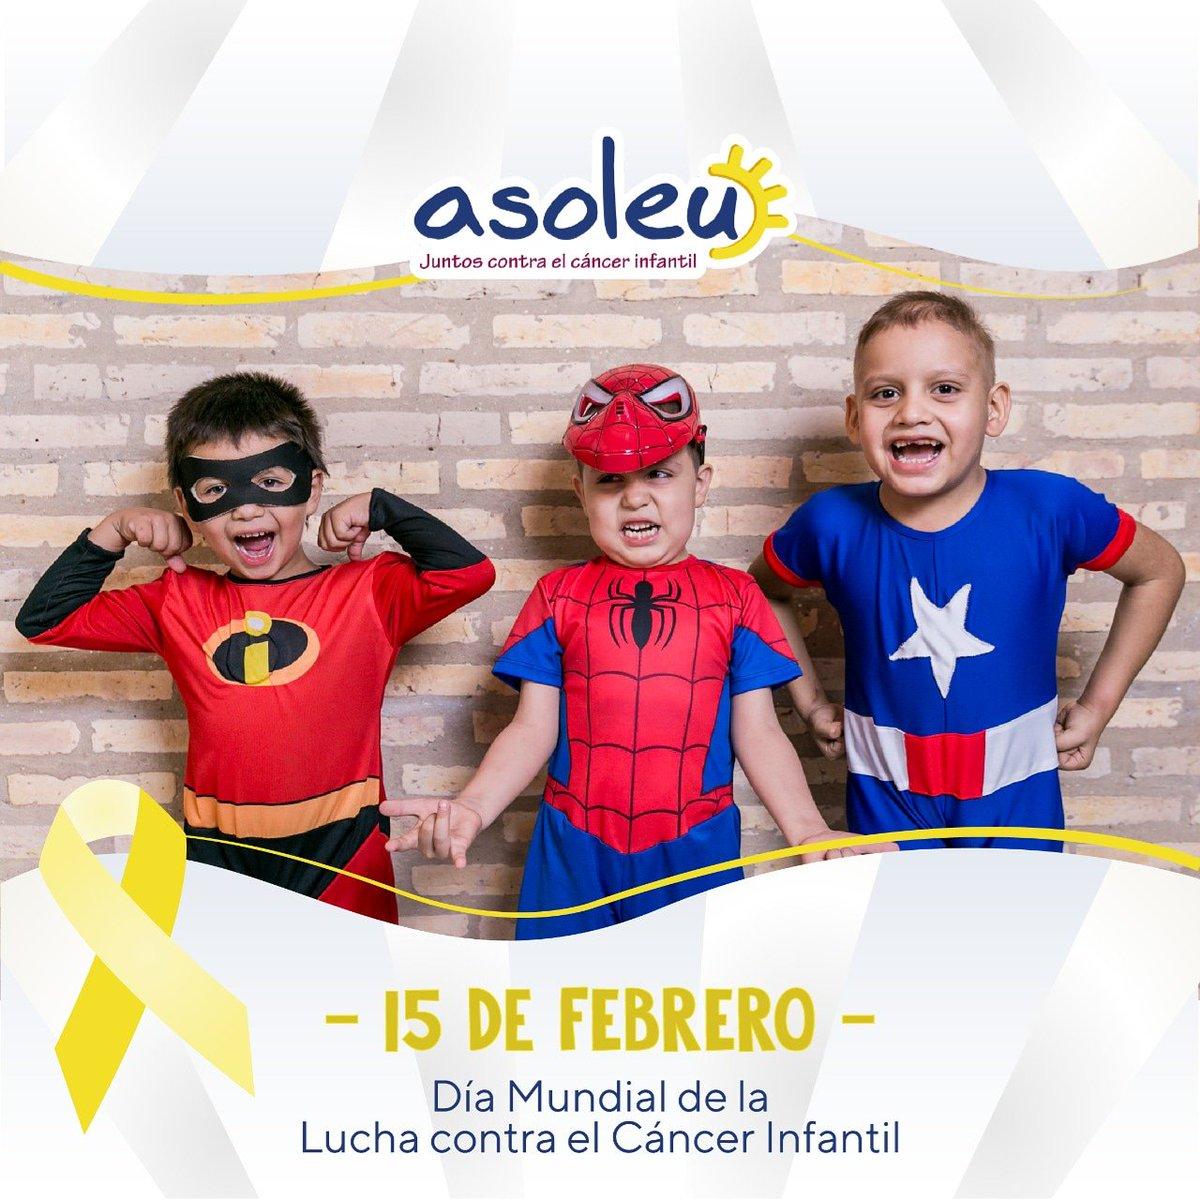 fc23a6f7e5e23 Fundación Asoleu ( AsoleuFundacion)